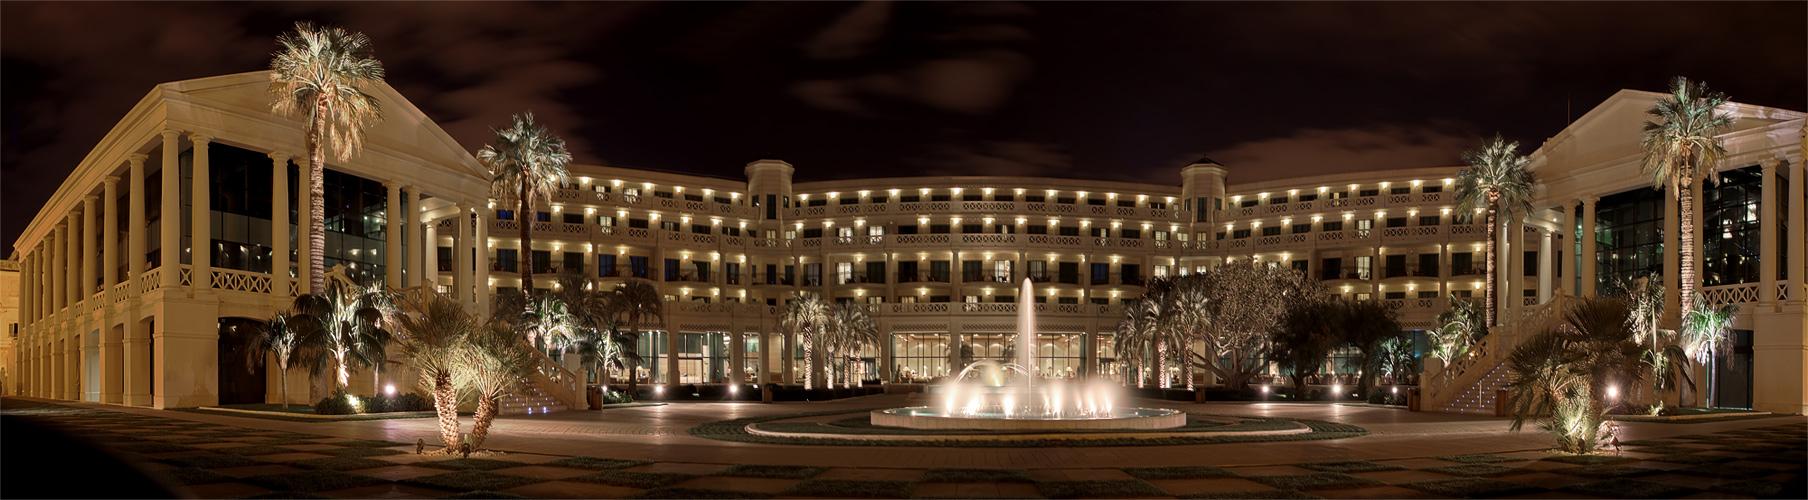 Hotel Las Arenas, Valencia